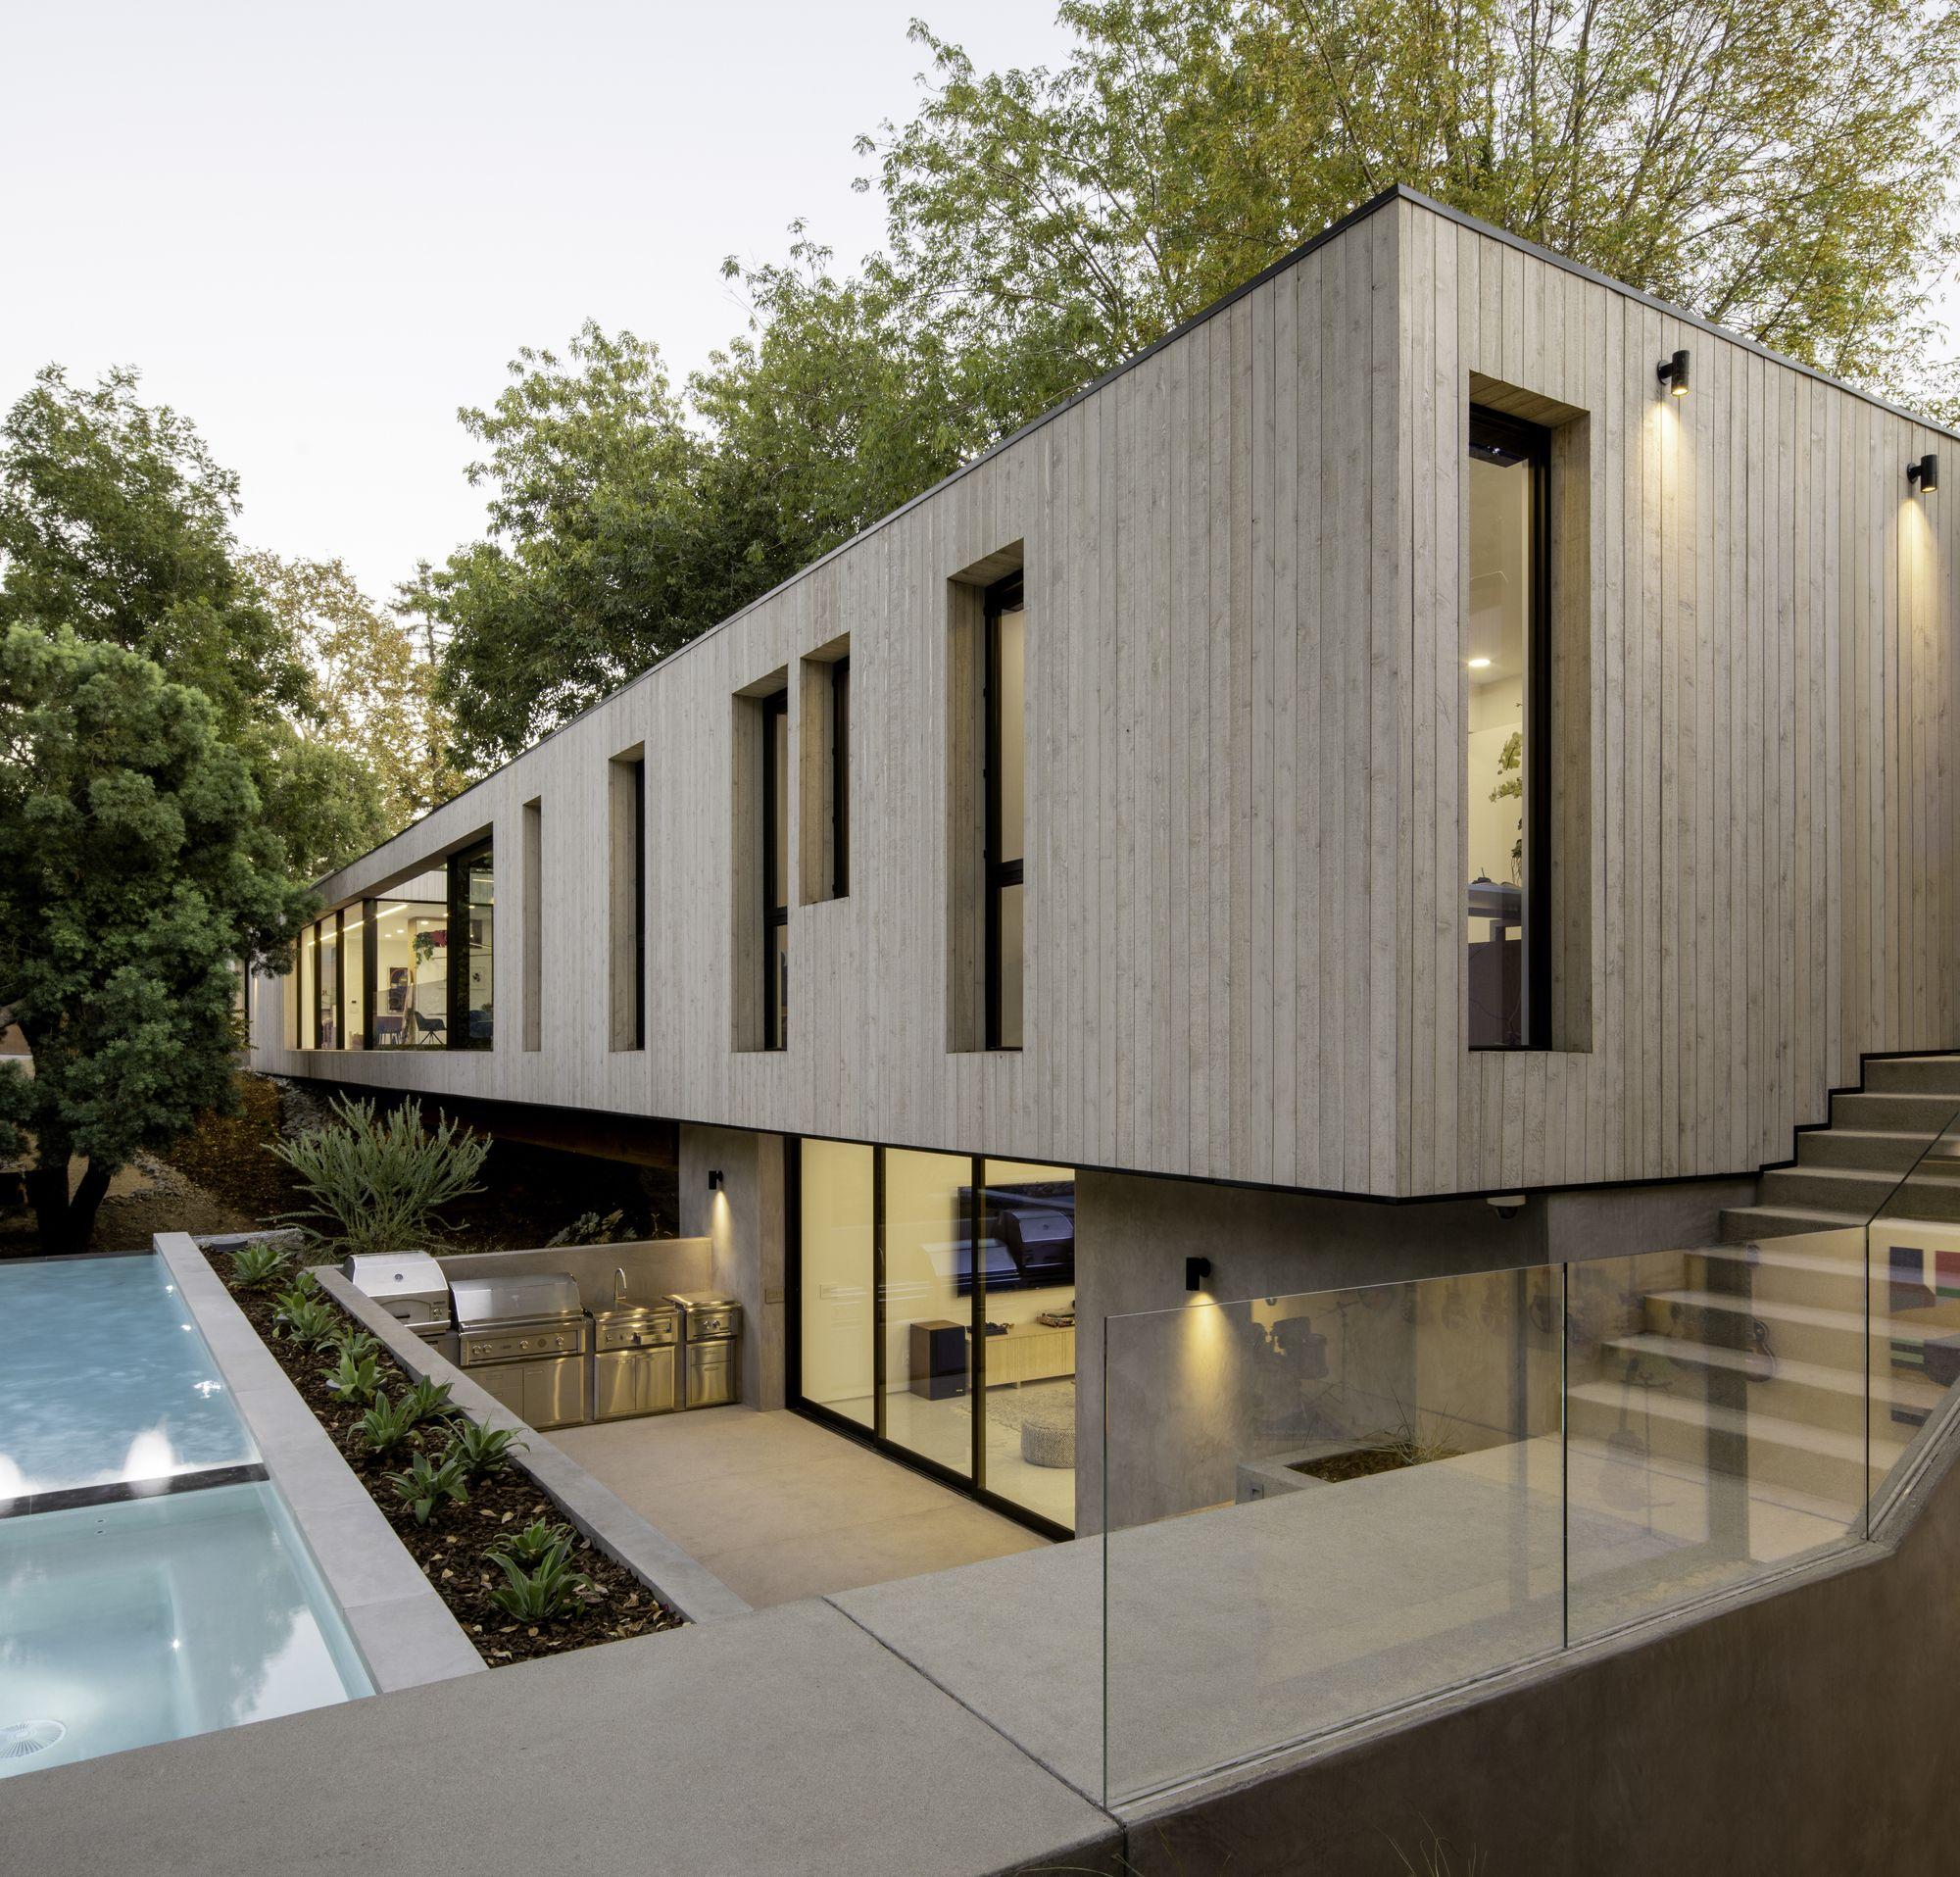 Bridge House LA / Dan Brunn Architecture